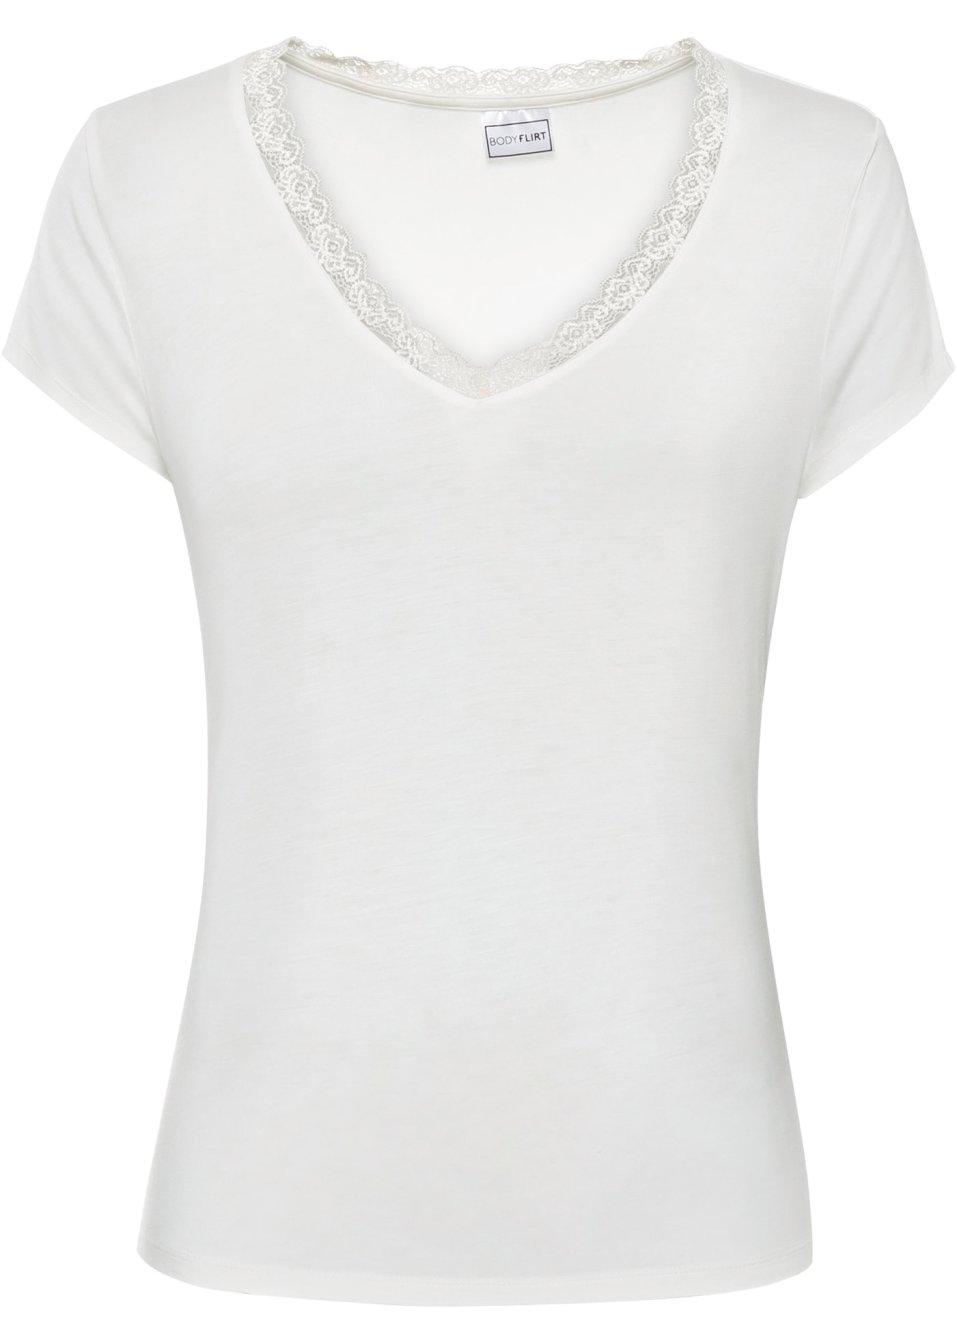 Shirt mit Spitze am V-Ausschnitt - wollweiß 7Iu98 wCeLG